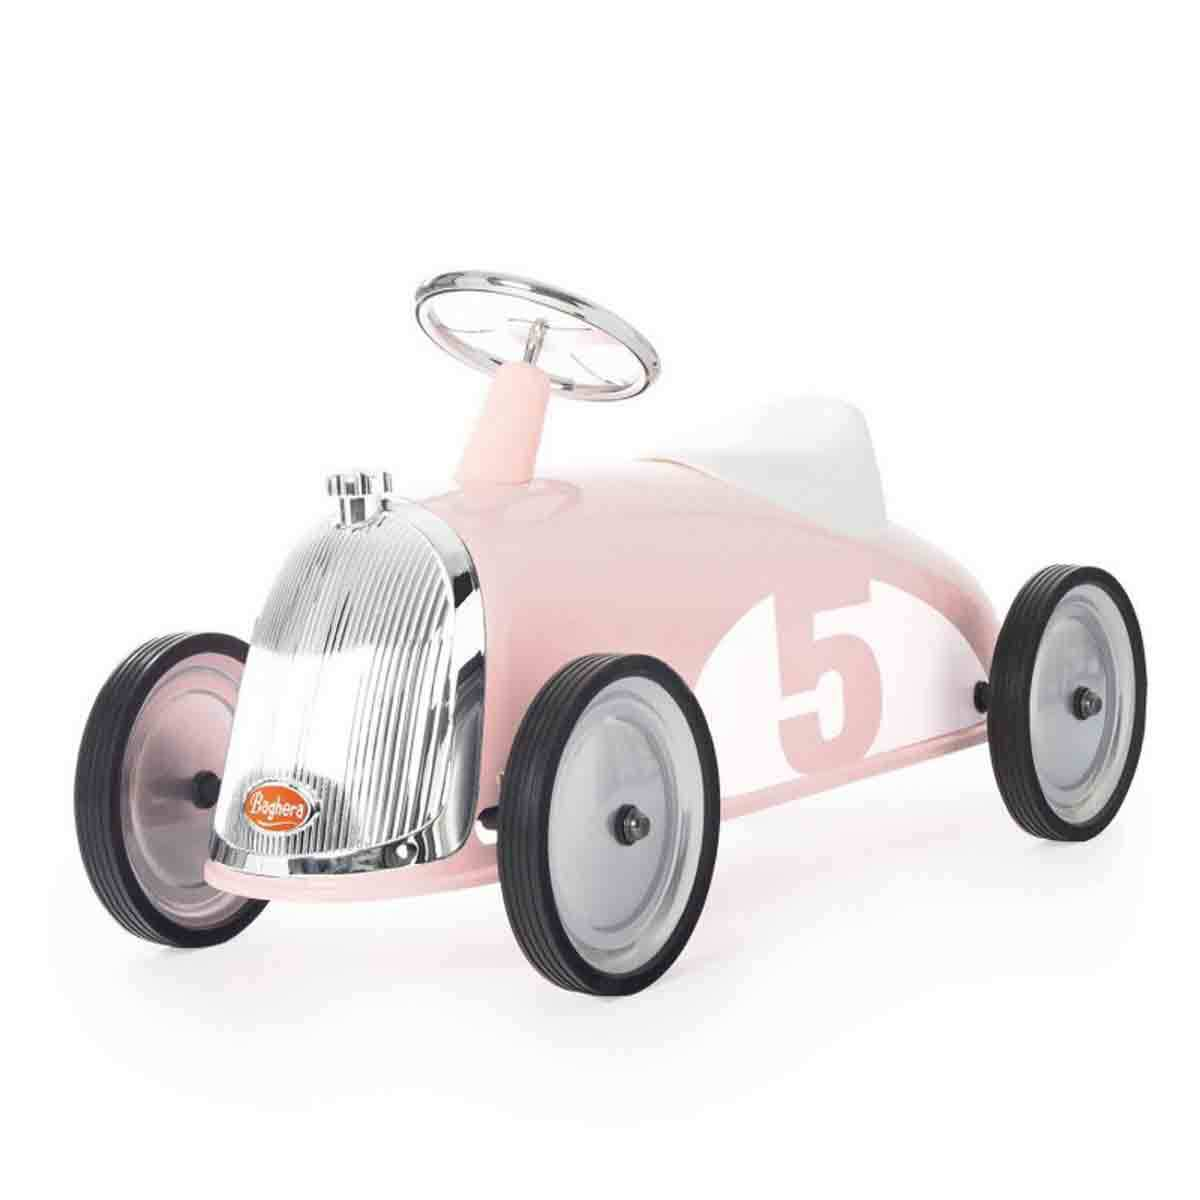 Baghera Porteur Rider - Petal Pink - Trotteur   Porteur Baghera sur ... e6ce283e736